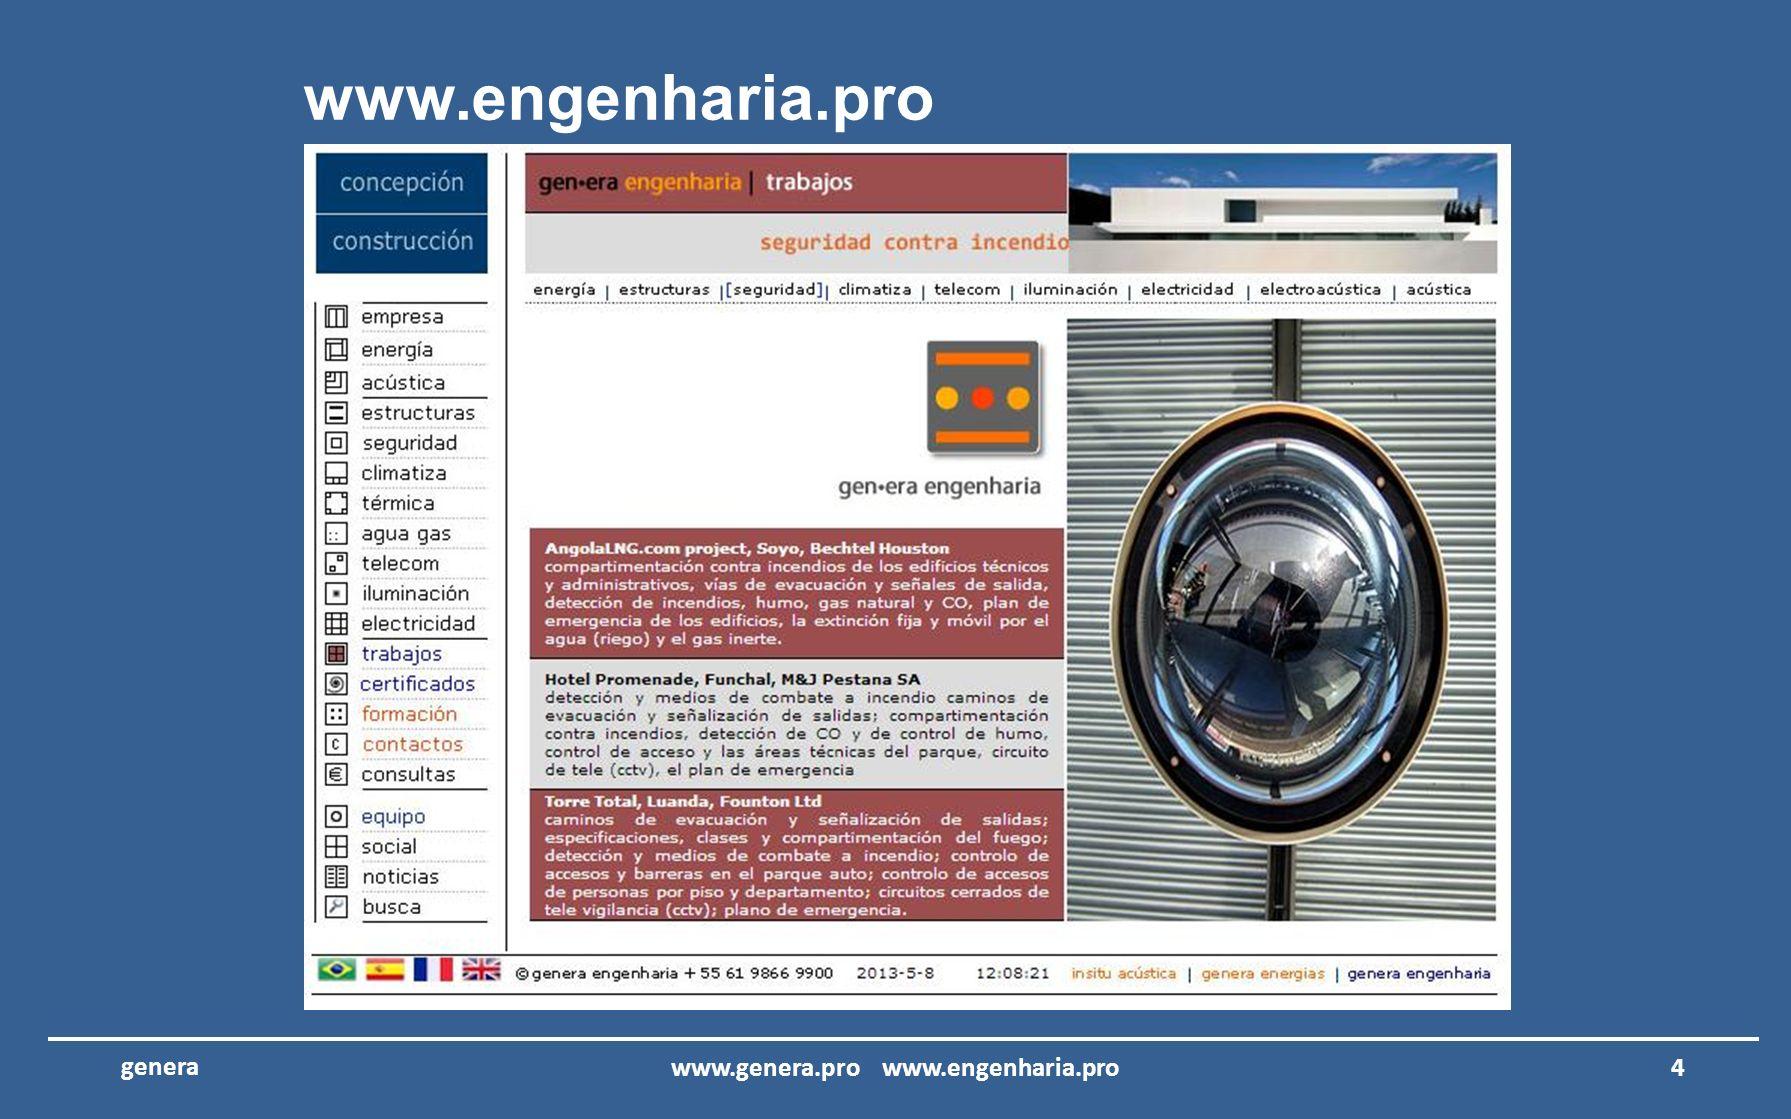 www.engenharia.pro 4 genera www.genera.pro www.engenharia.pro